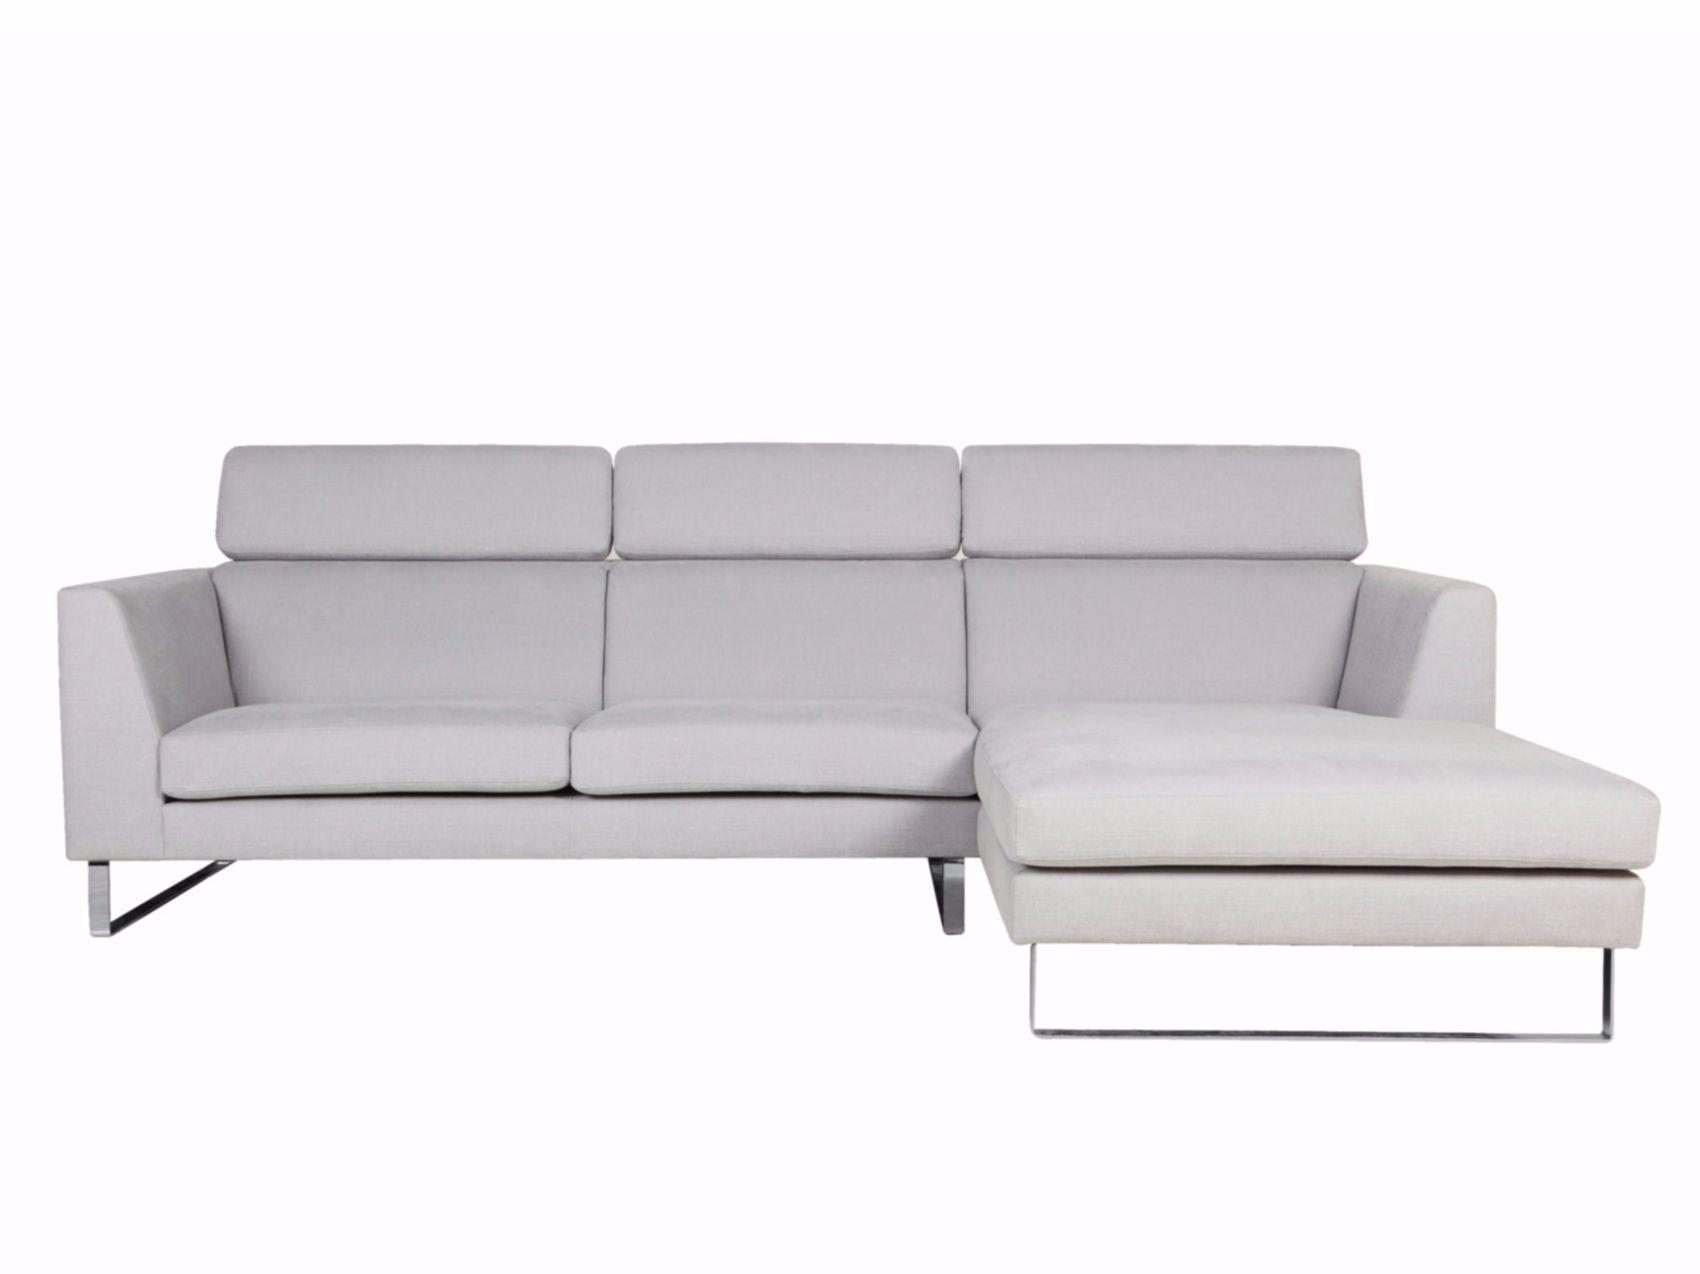 Divano imbottito in tessuto a 4 posti con chaise longue fly by sits design ian archer - Divano 4 posti con chaise longue ...